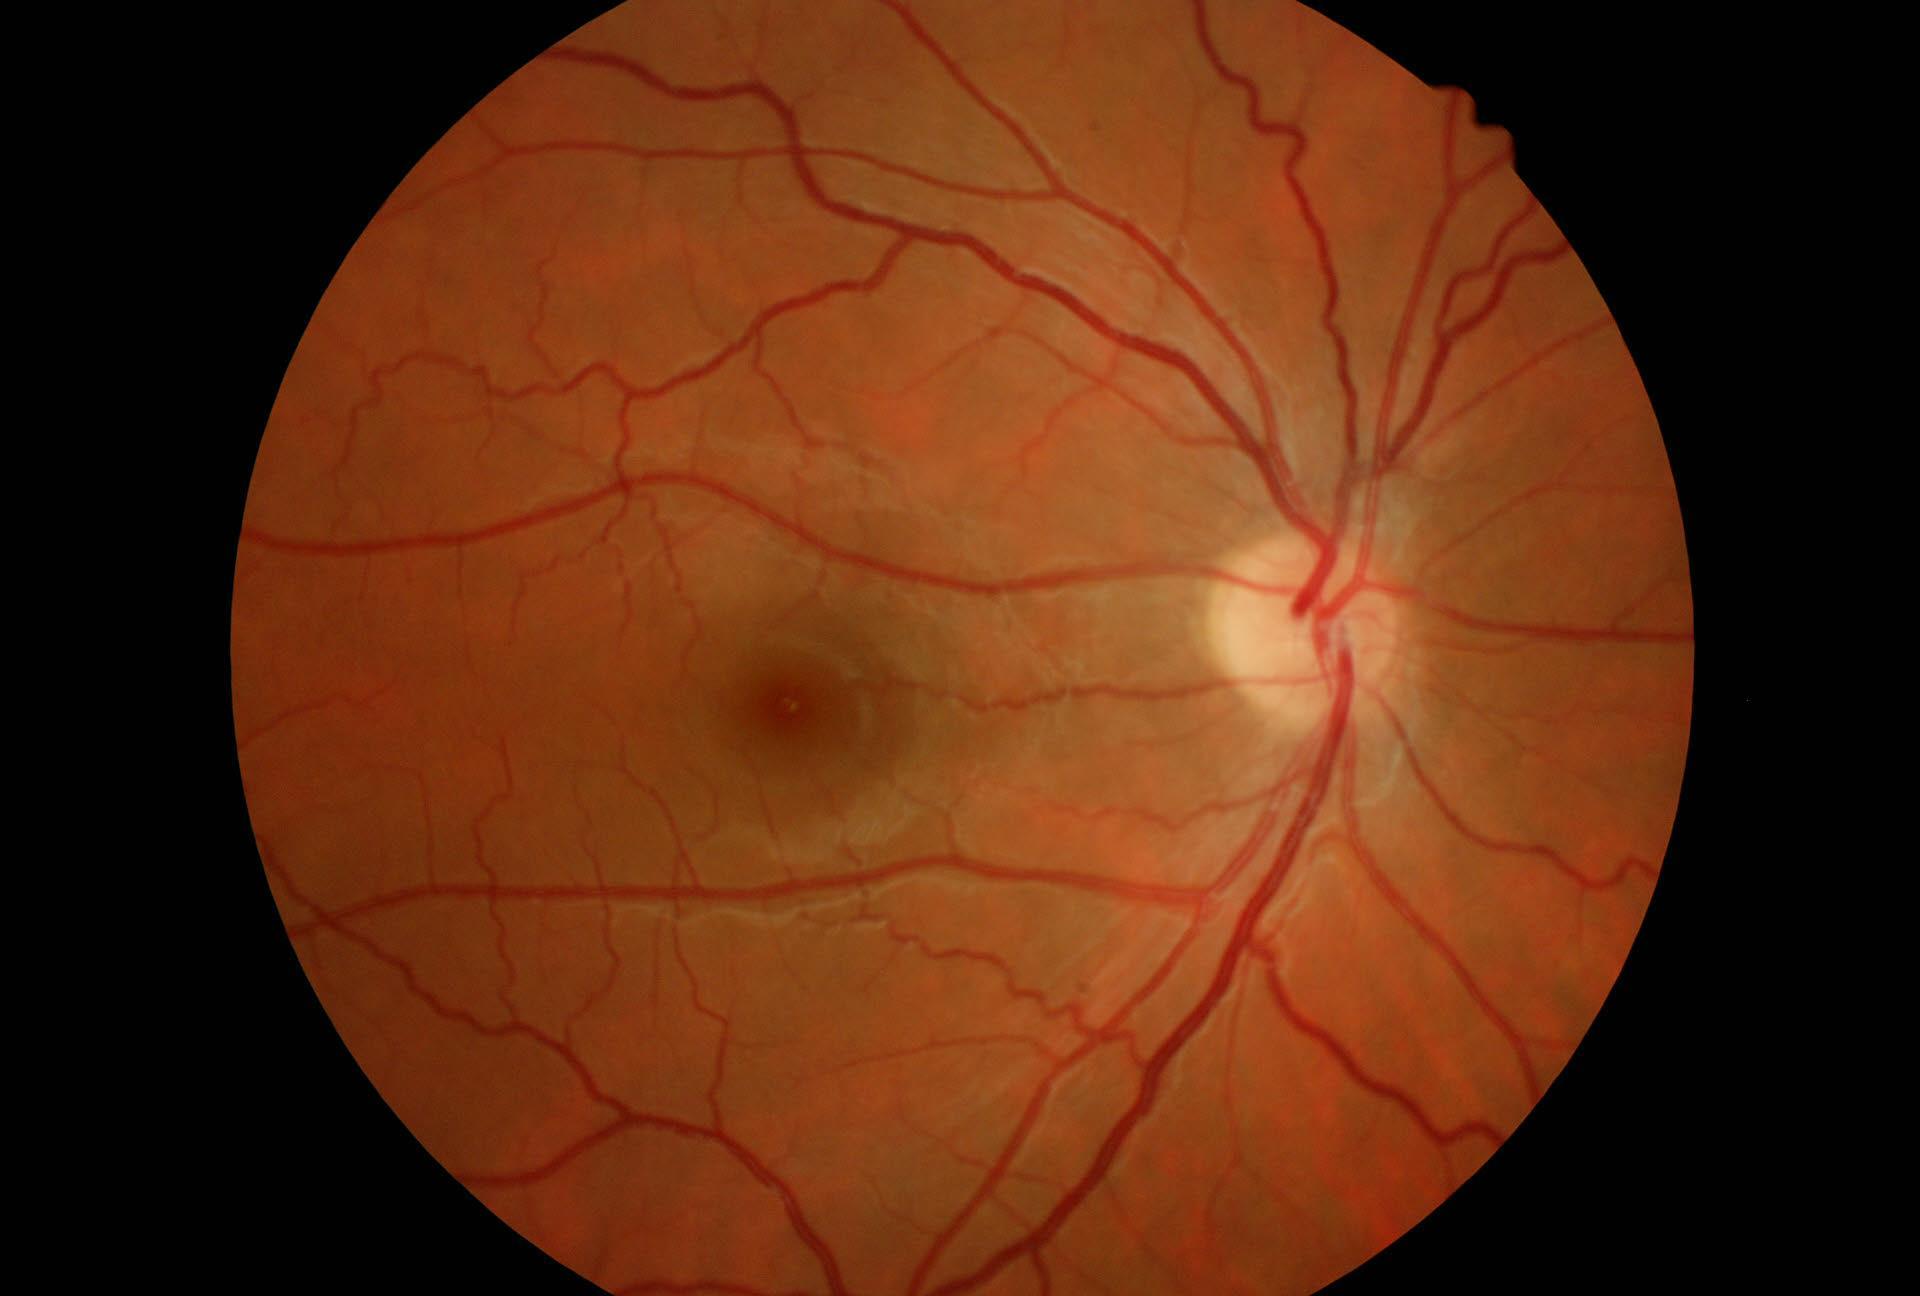 malattie degli occhi casi clinici reali :Tortuosità vasale..